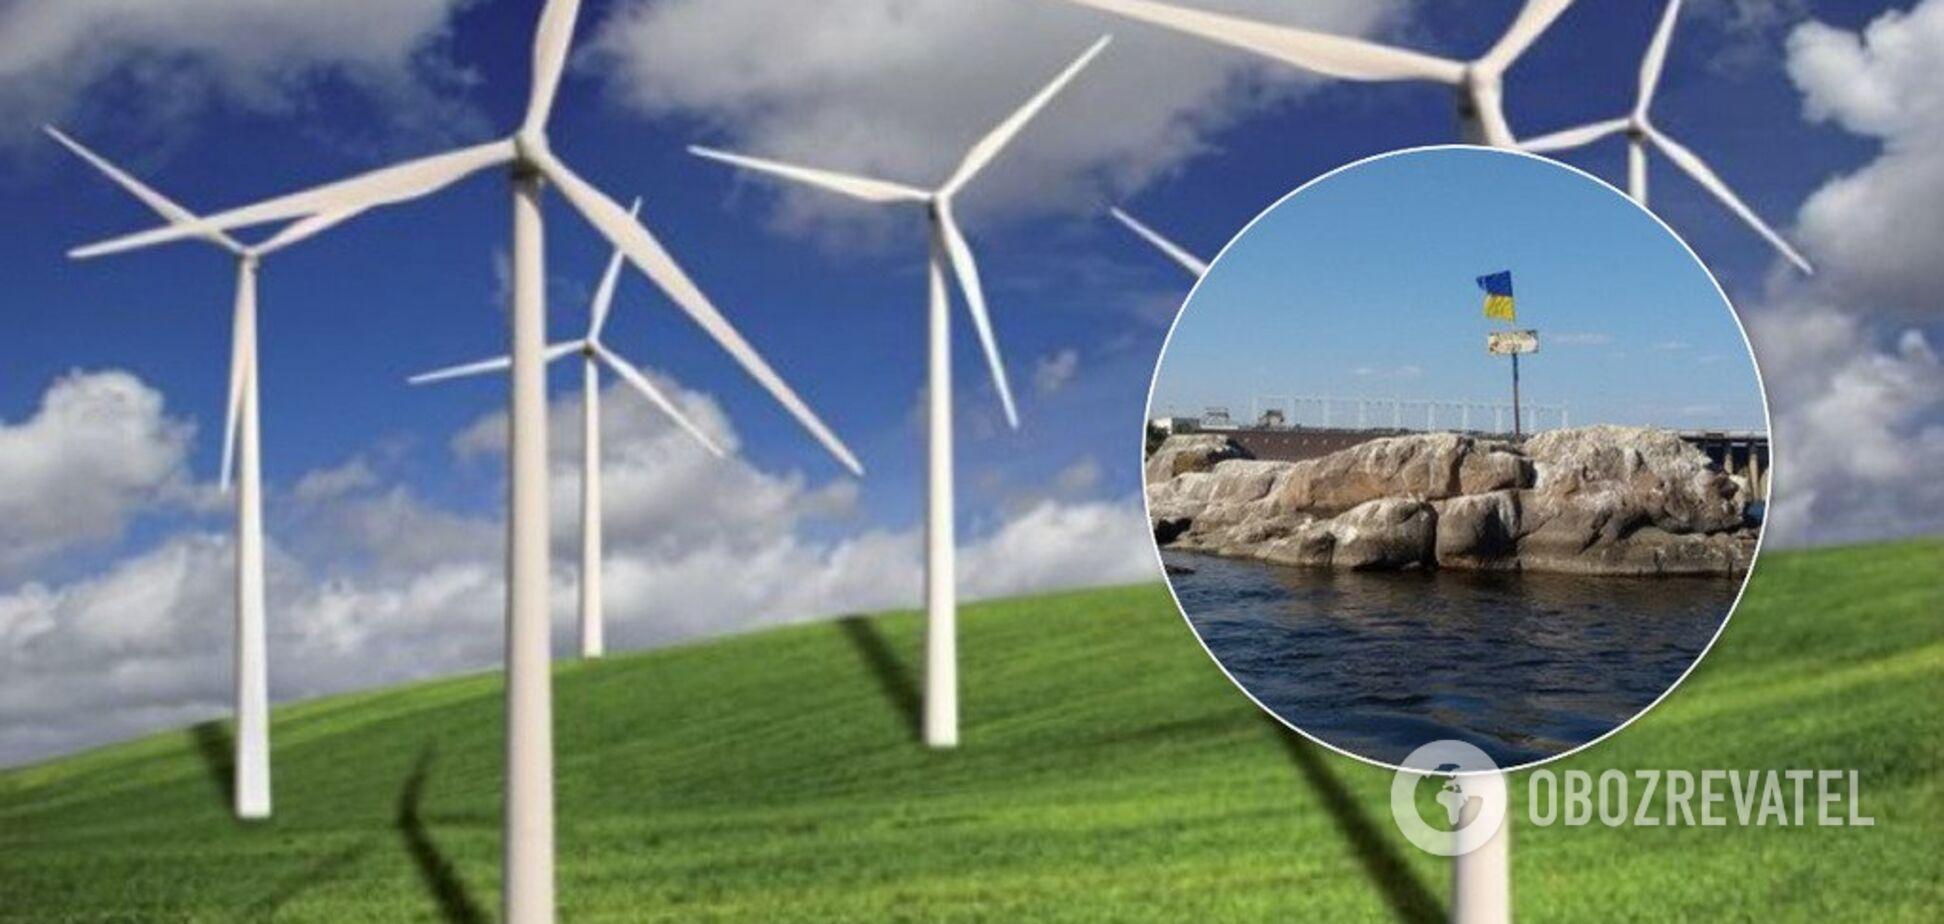 Новая ветроэлектростанция претендует стать крупнейшей в Украине. ТОП-5 фактов и цифр